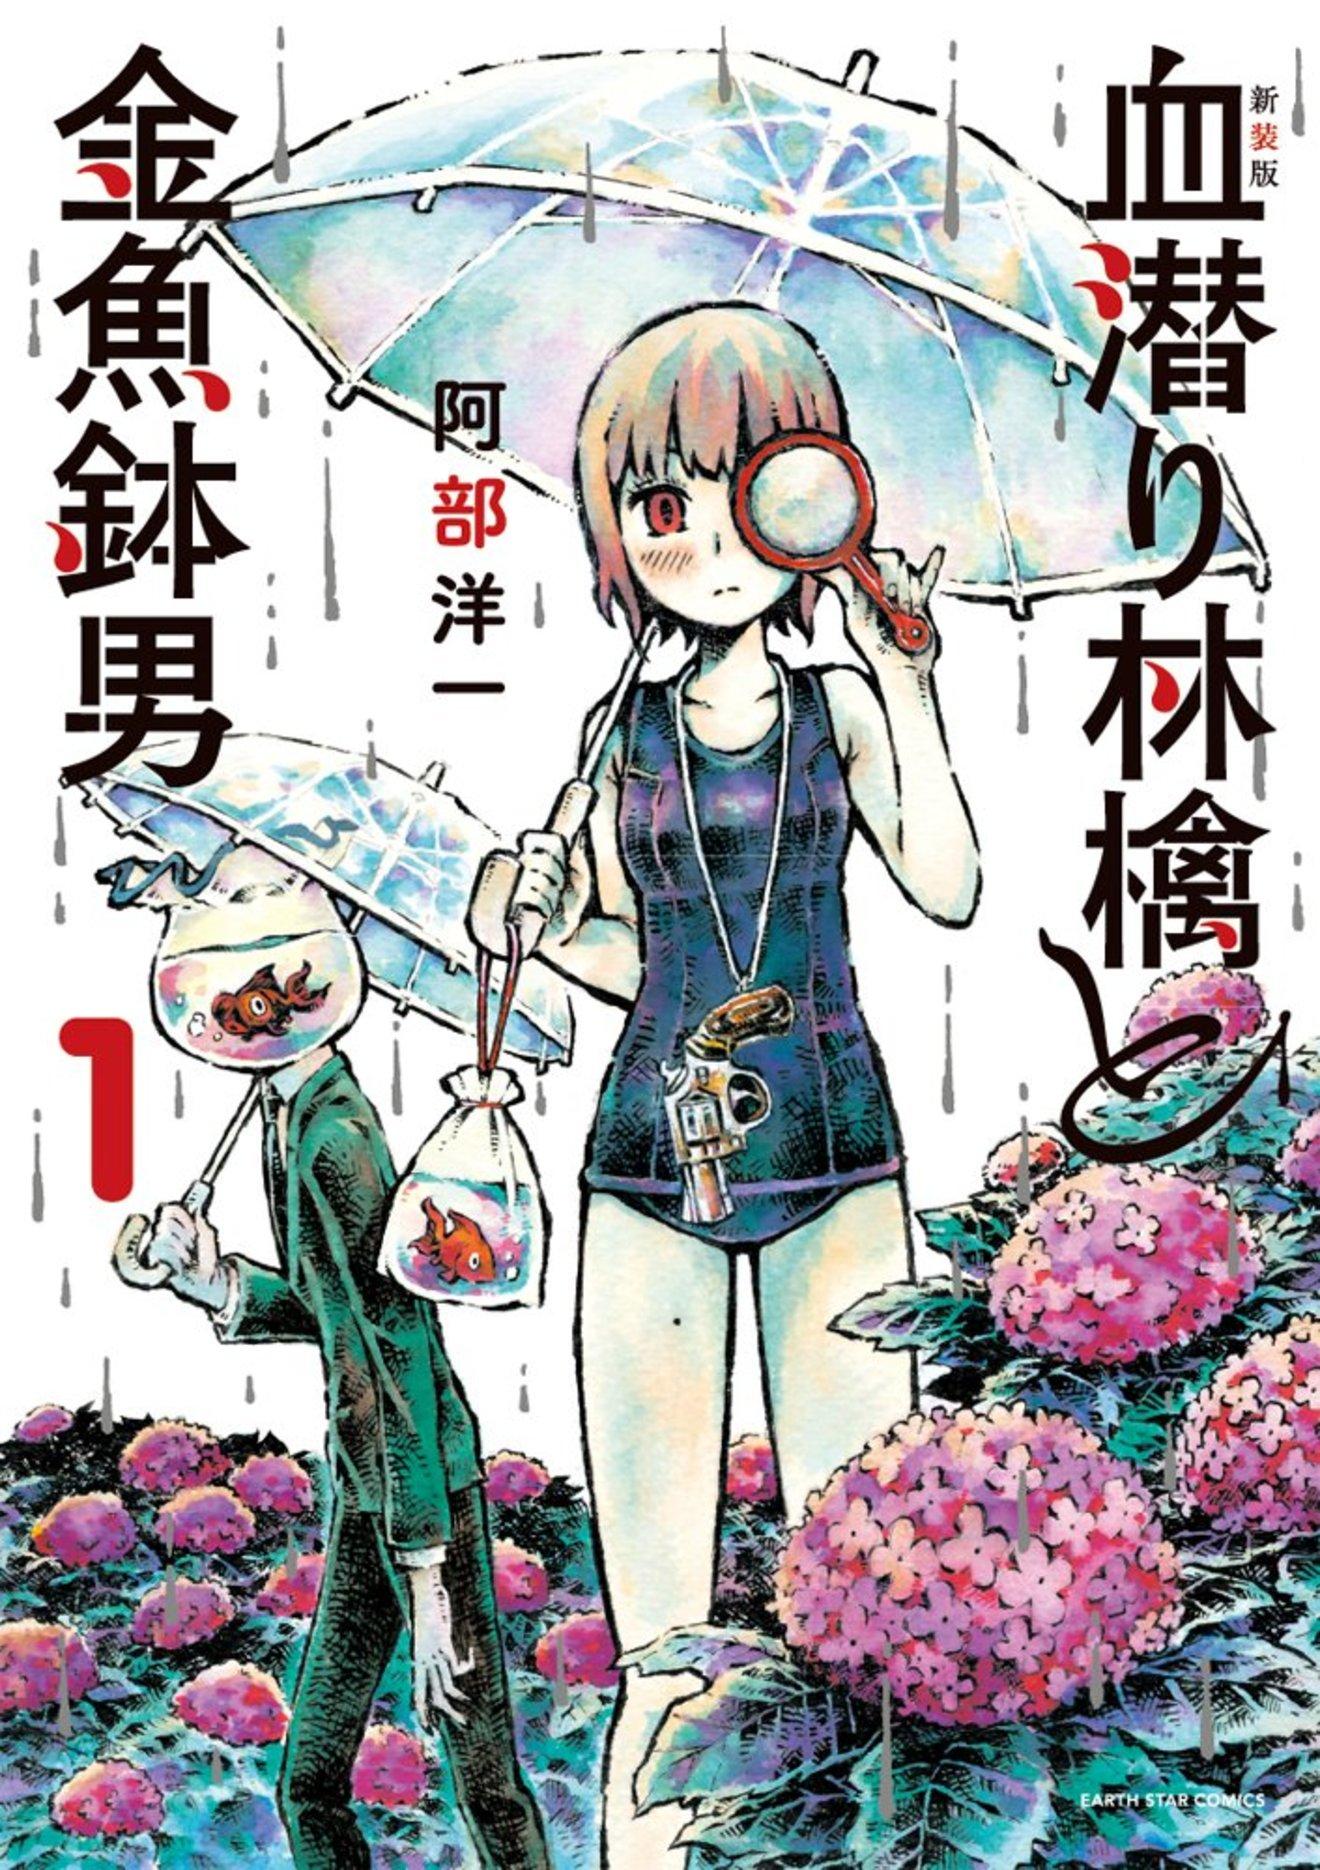 阿部洋一『血潜り林檎と金魚鉢男』が無料!スク水少女が世界を「すくう」?